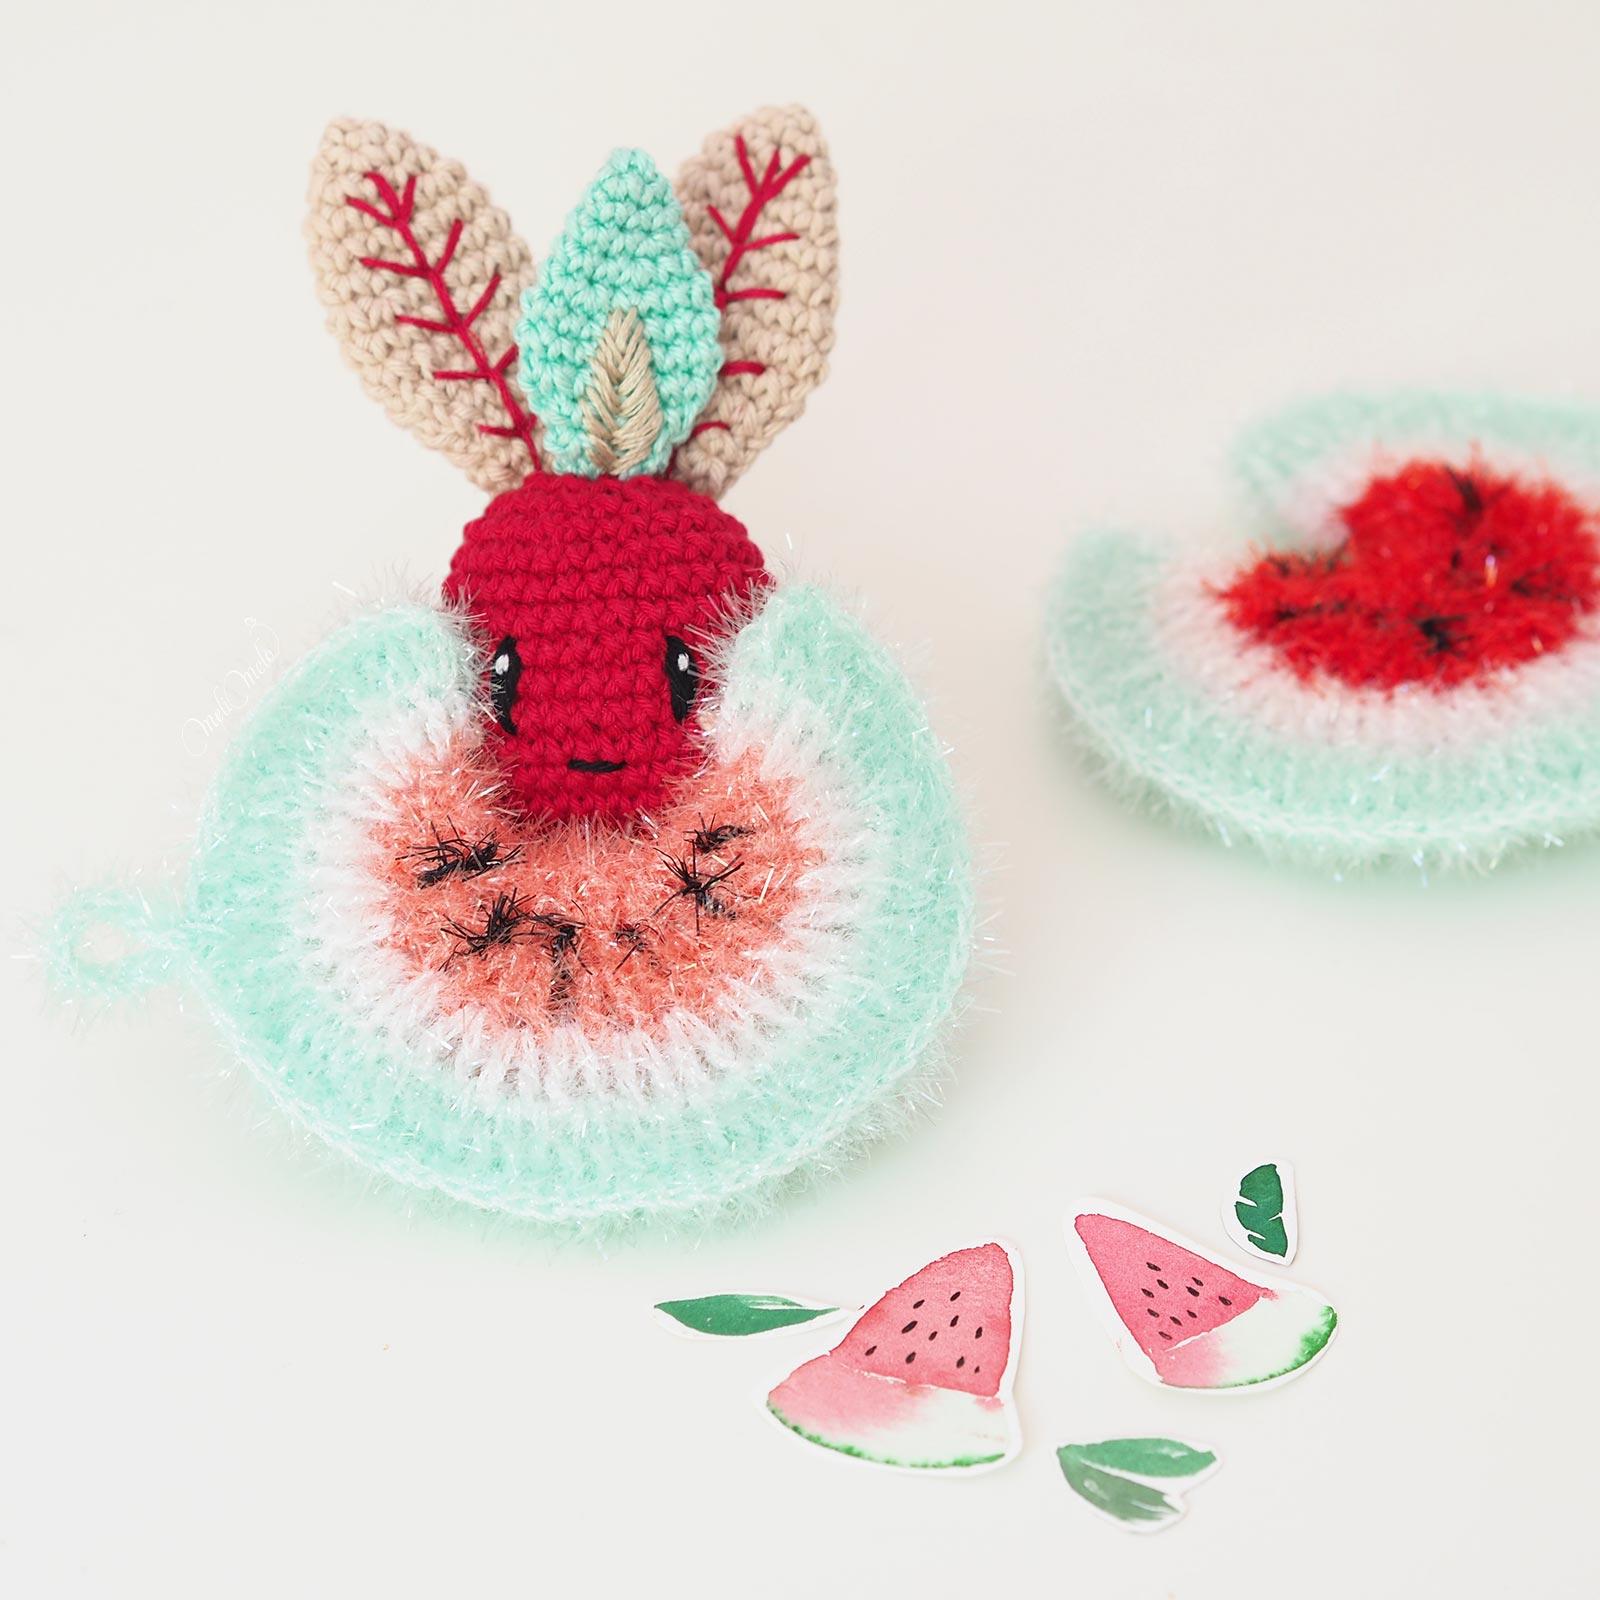 tawashi watermelon light red pastèque rouge clair sandia crochet DIY scrubber éponge mandragore laboutiquedemelimelo